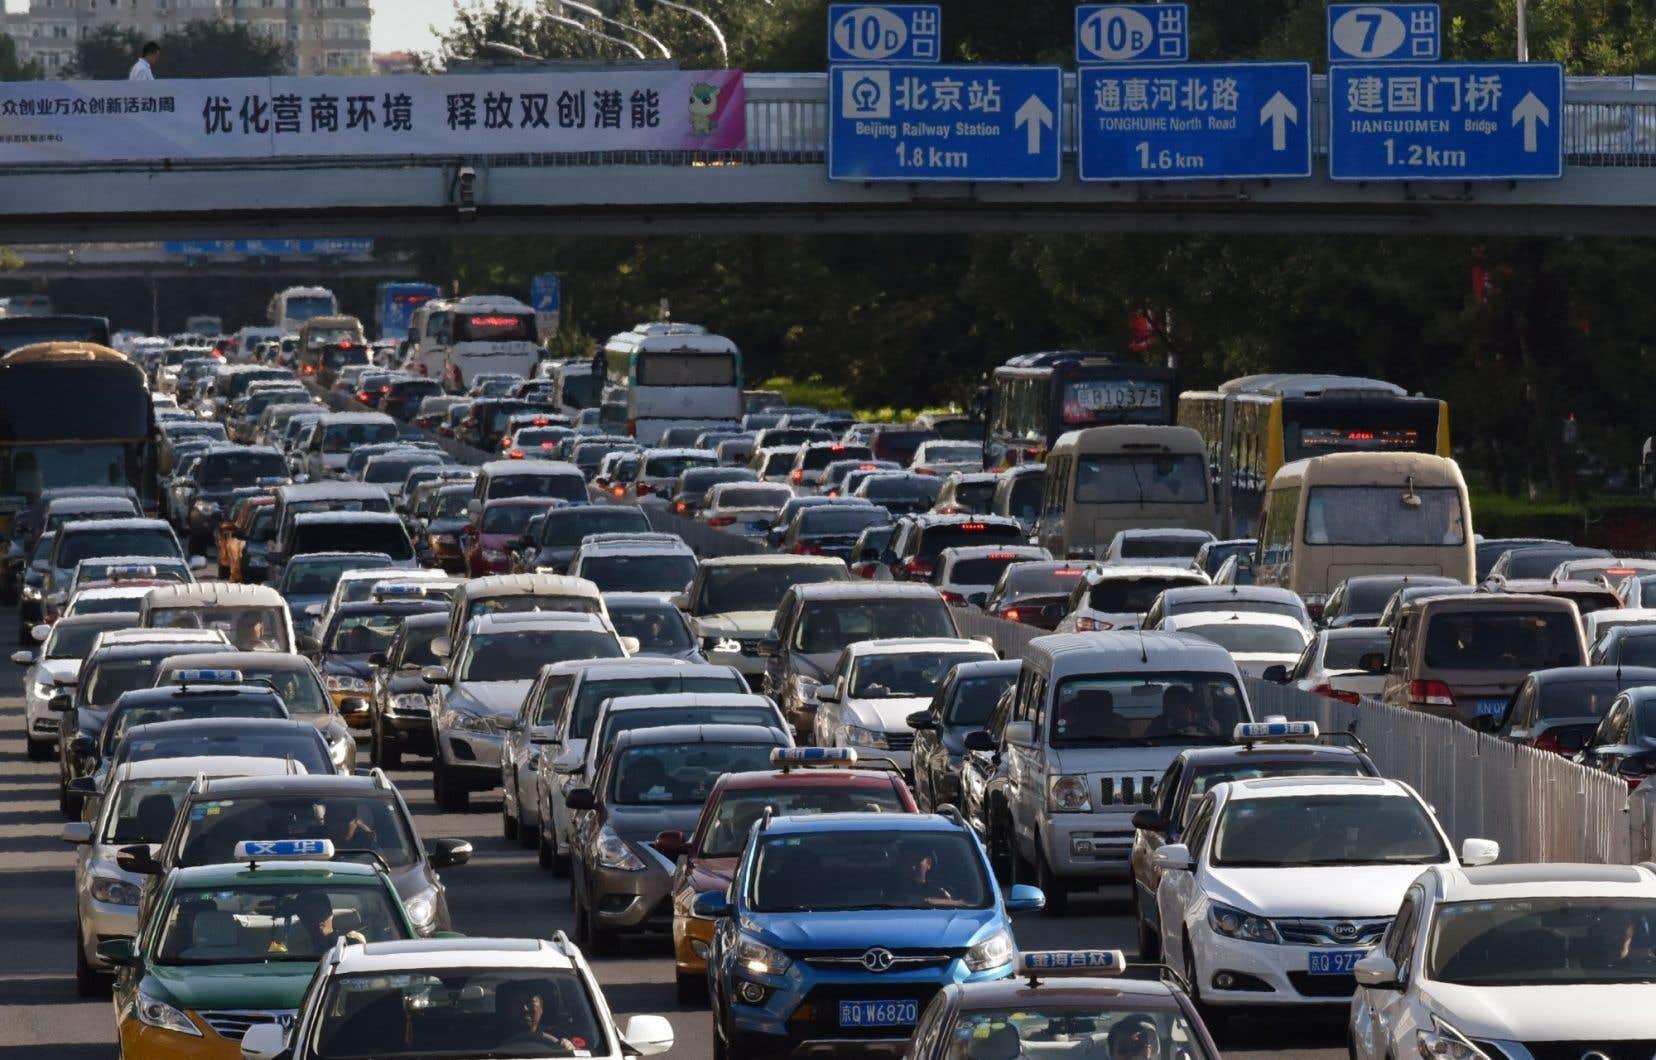 <p>Pékin serait-il prêt à emboîter le pas à la France et au Royaume-Uni, qui ont récemment dévoilé leur intention d'interdire la vente des voitures diesel ou essence sur leurs marchés d'ici 2040 ?</p>